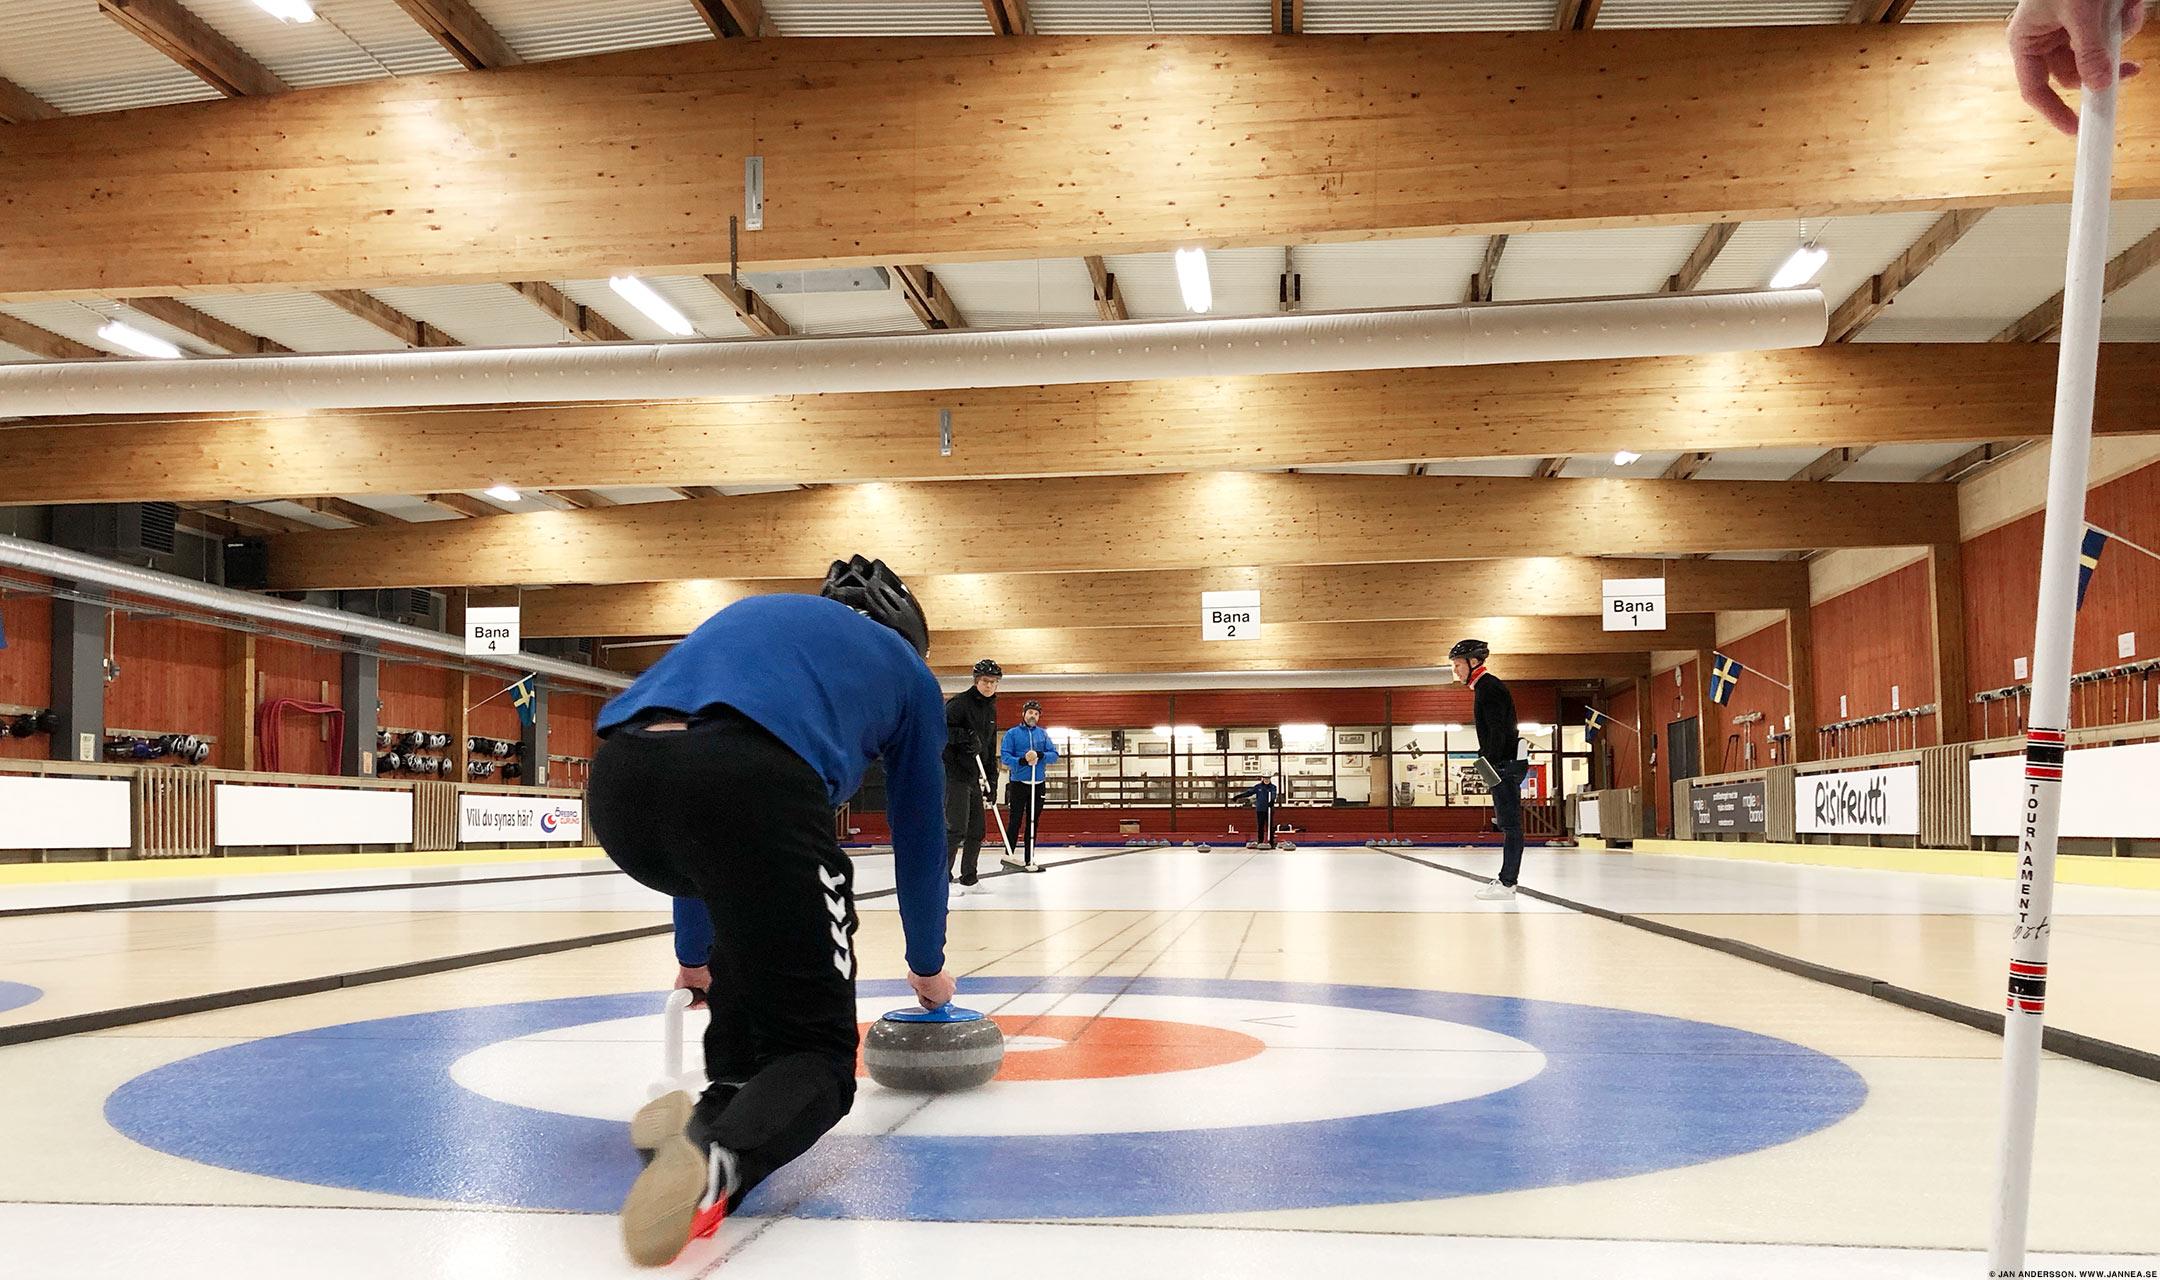 En utflykt med Curling i Örebro